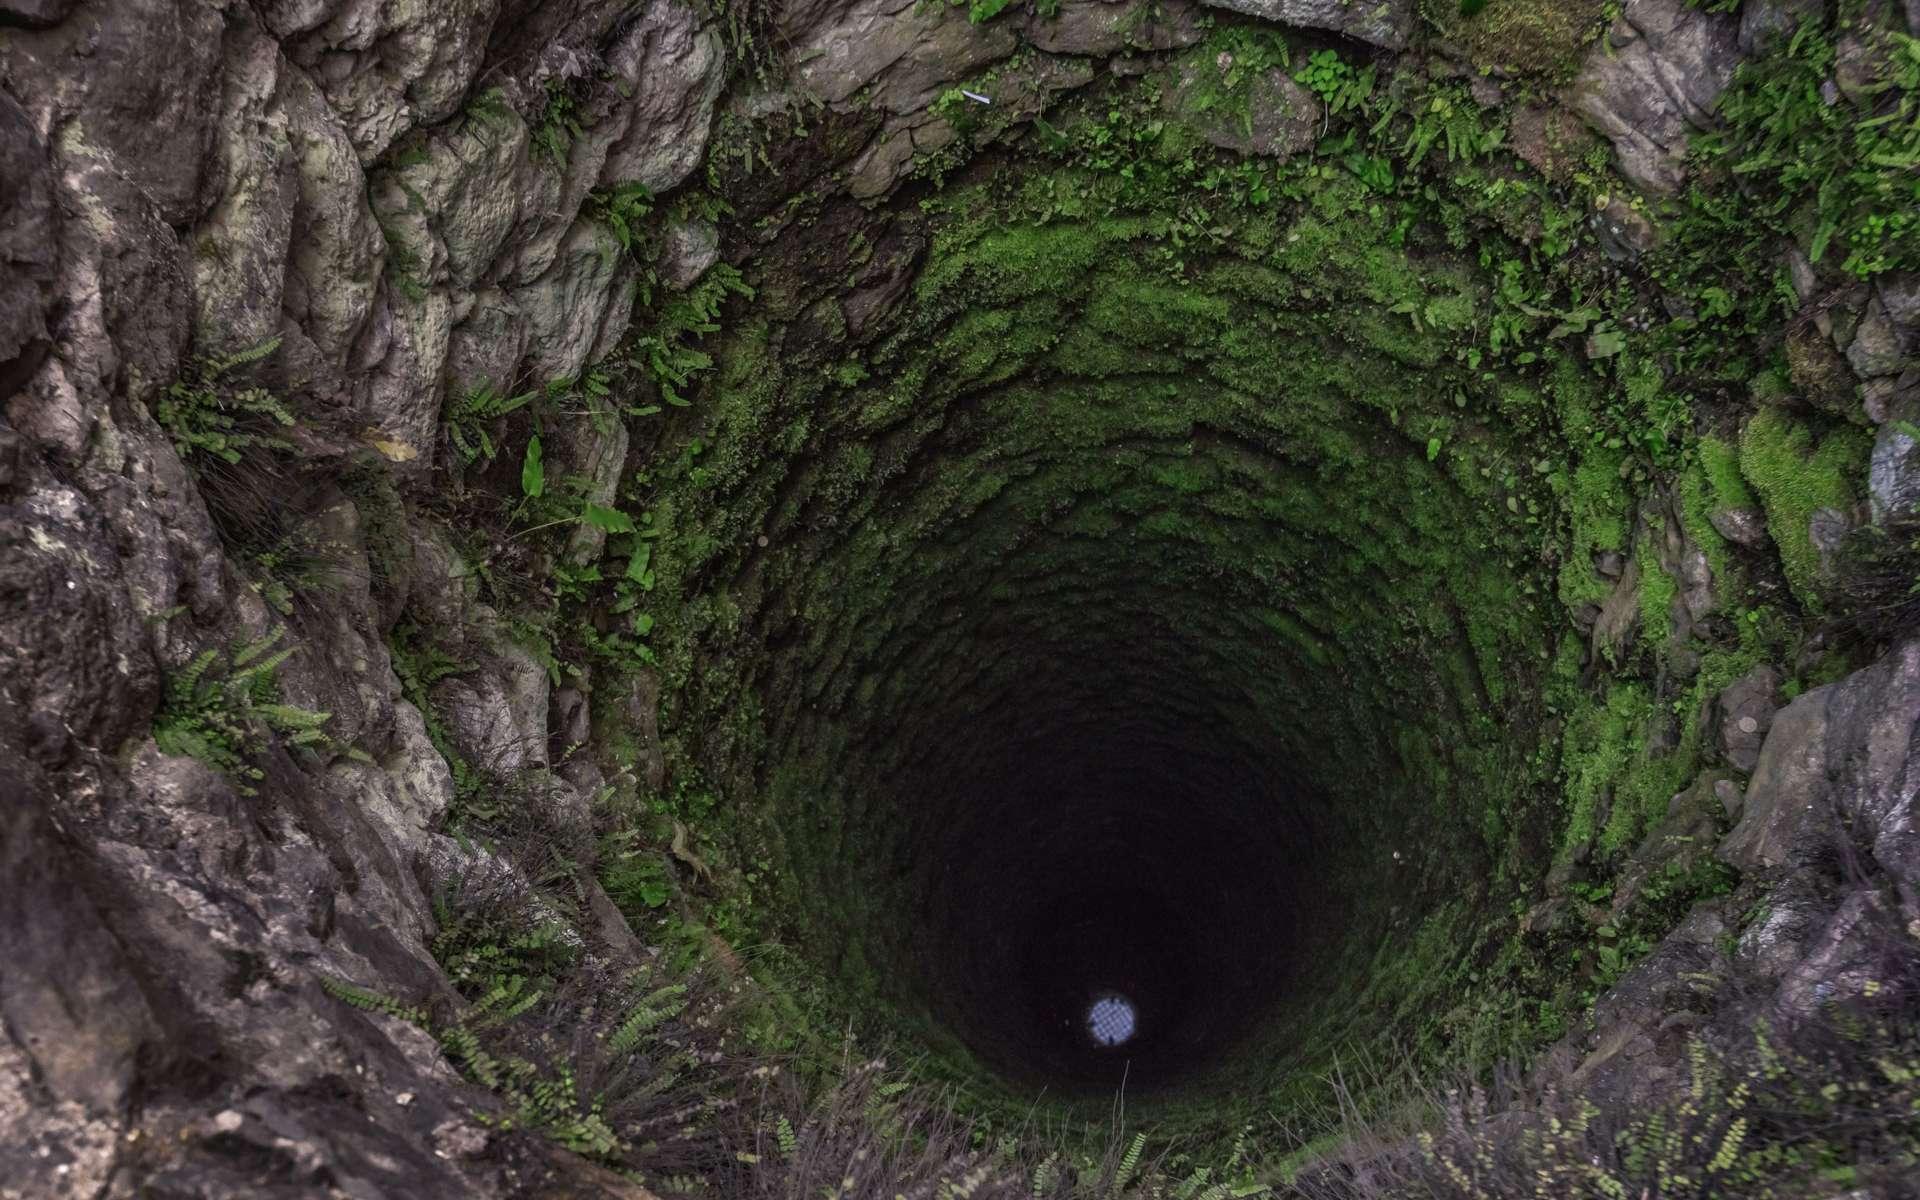 Une ombre se forme dans un puits en fonction de l'inclinaison des rayons du Soleil ©ivankmit, Envato elements